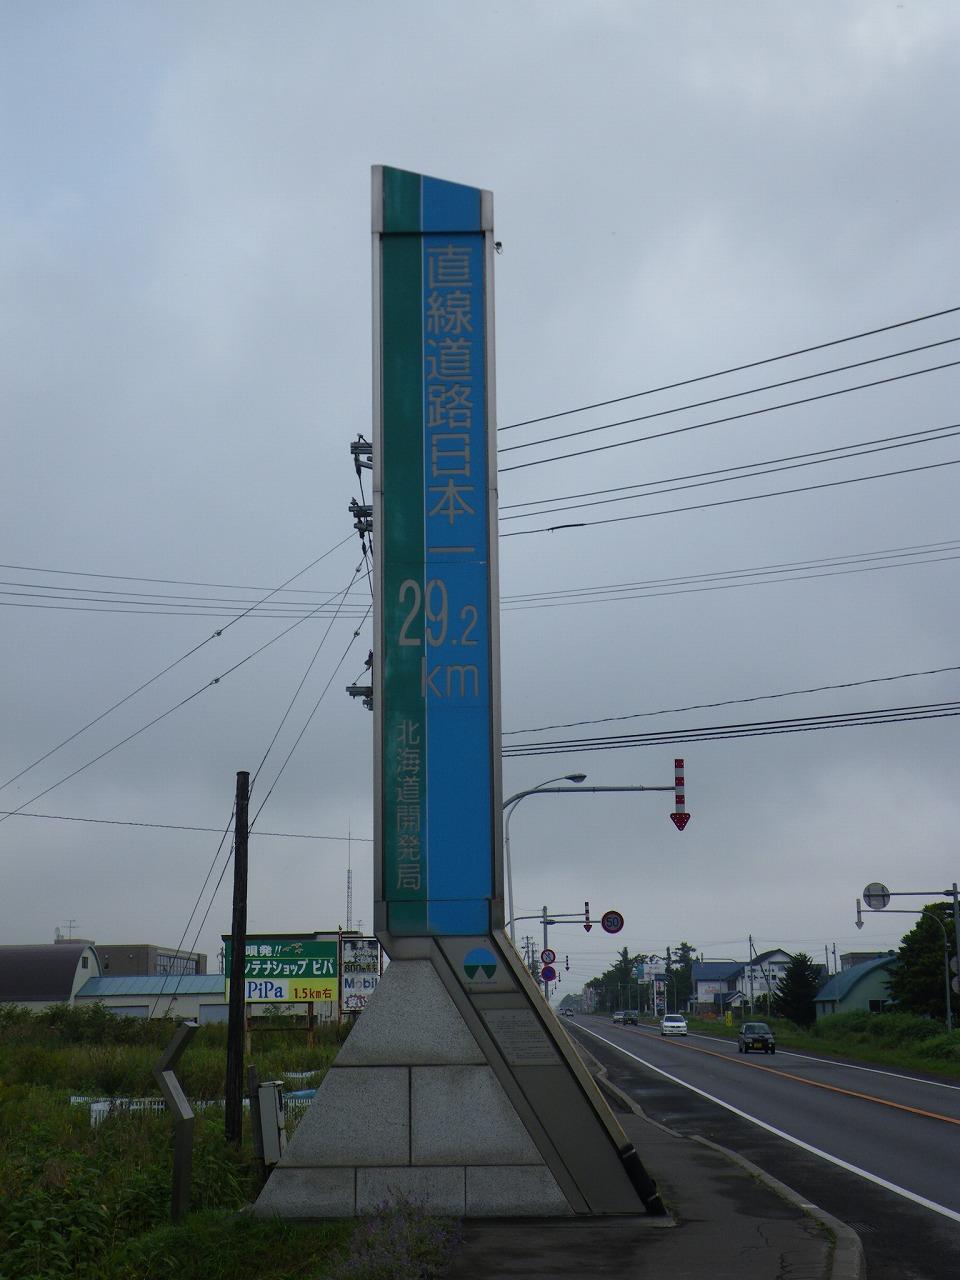 道路 長い 日本 一 直線